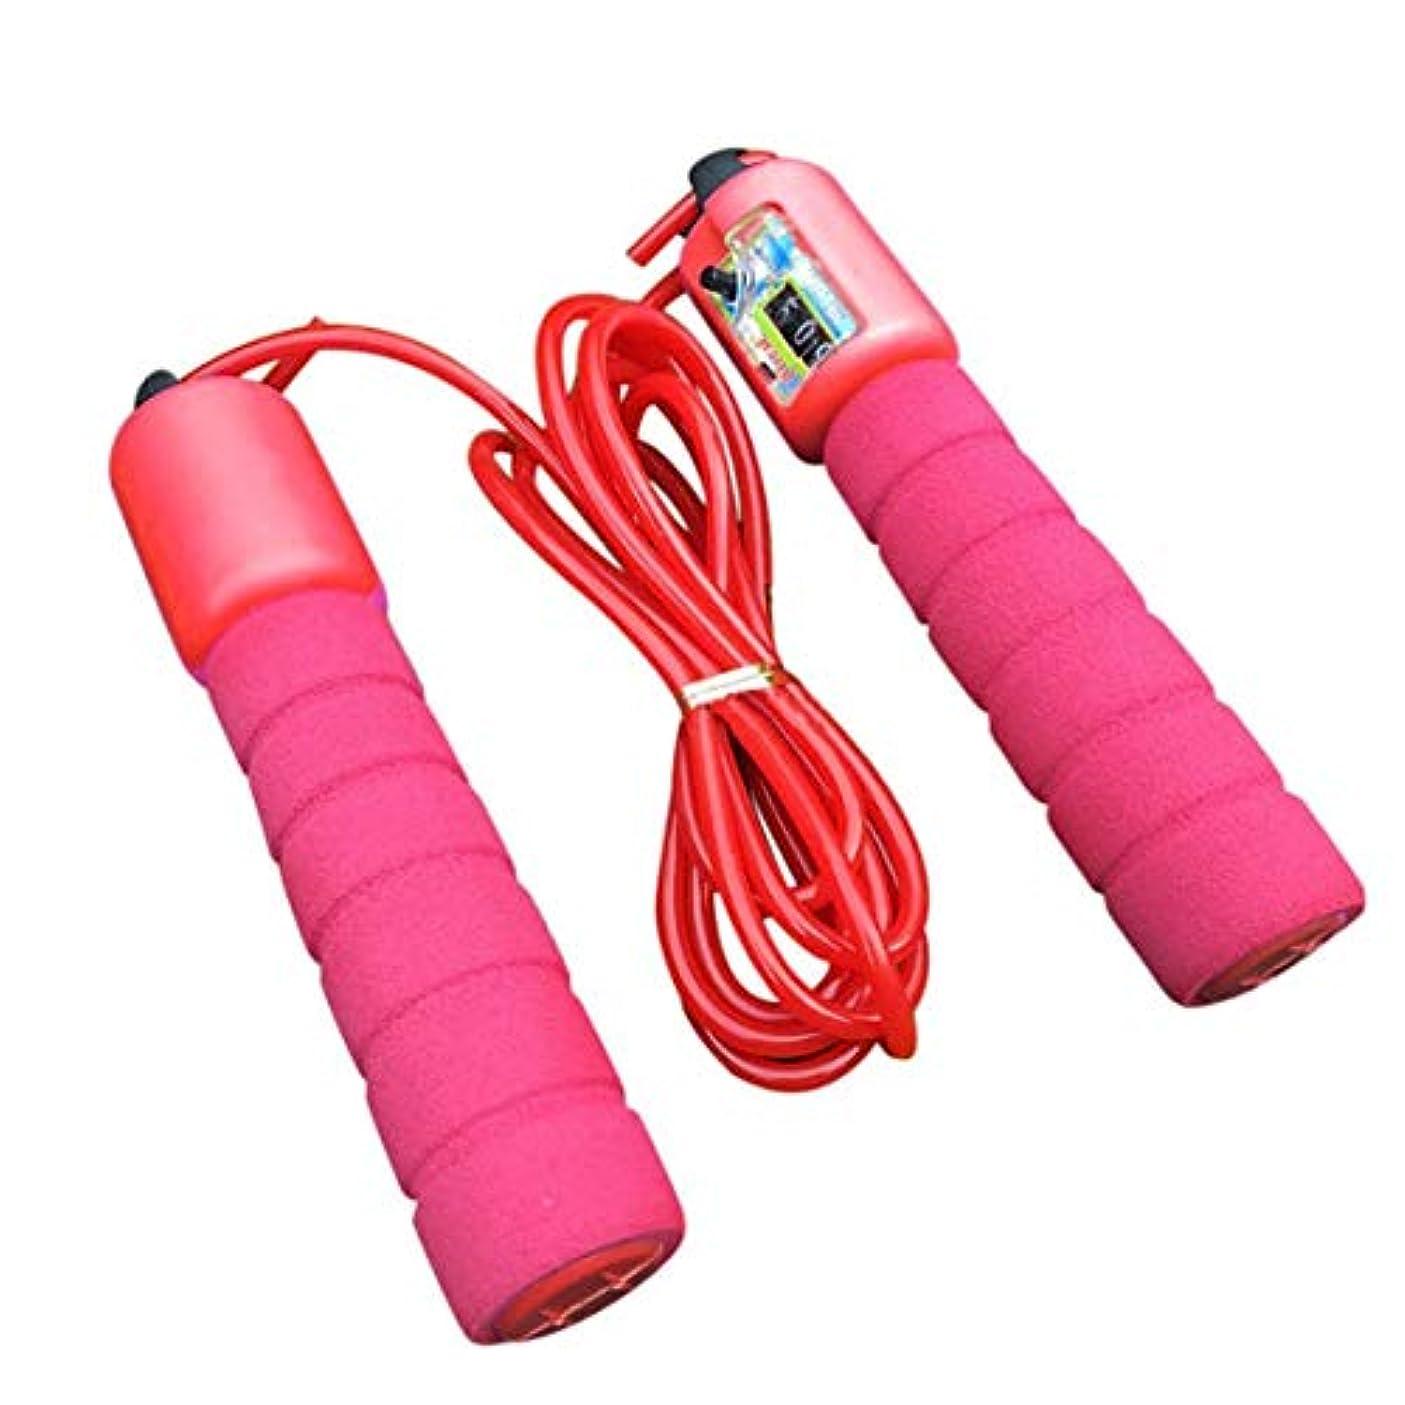 教え厳咲く調整可能なプロフェッショナルカウント縄跳び自動カウントジャンプロープフィットネス運動高速カウントジャンプロープ - 赤